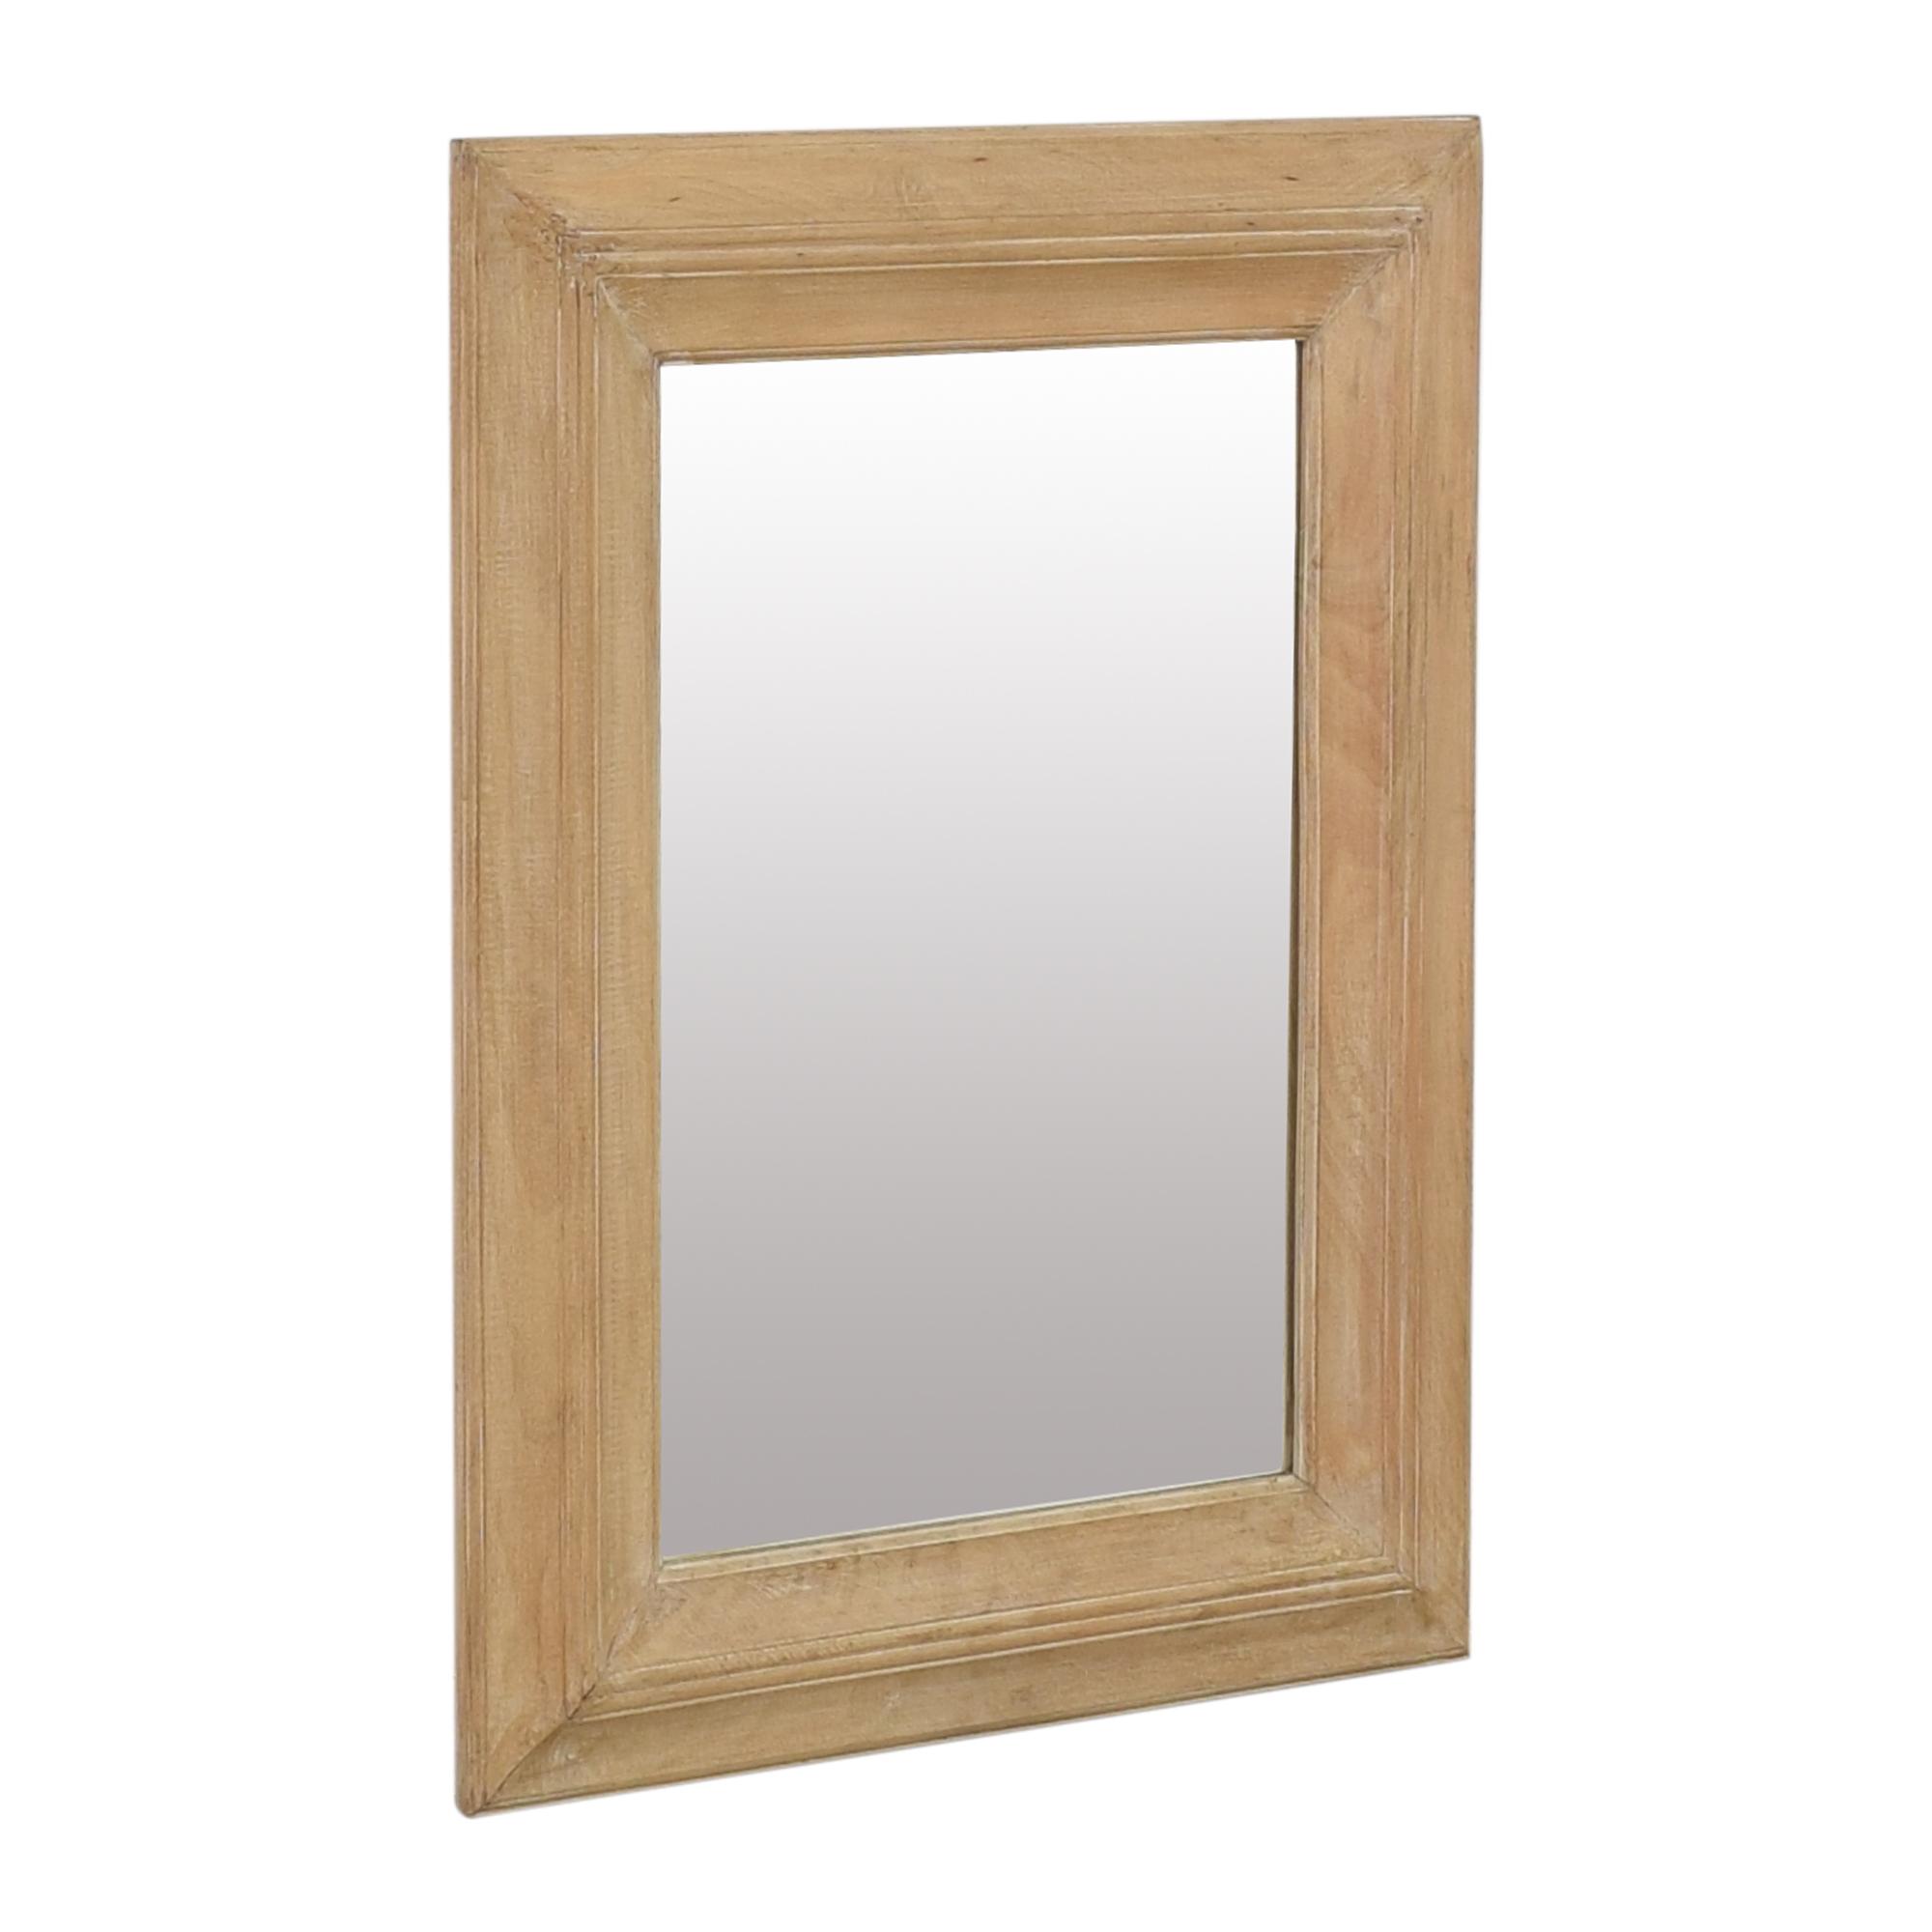 Pottery Barn Pottery Barn Framed Wall Mirror used